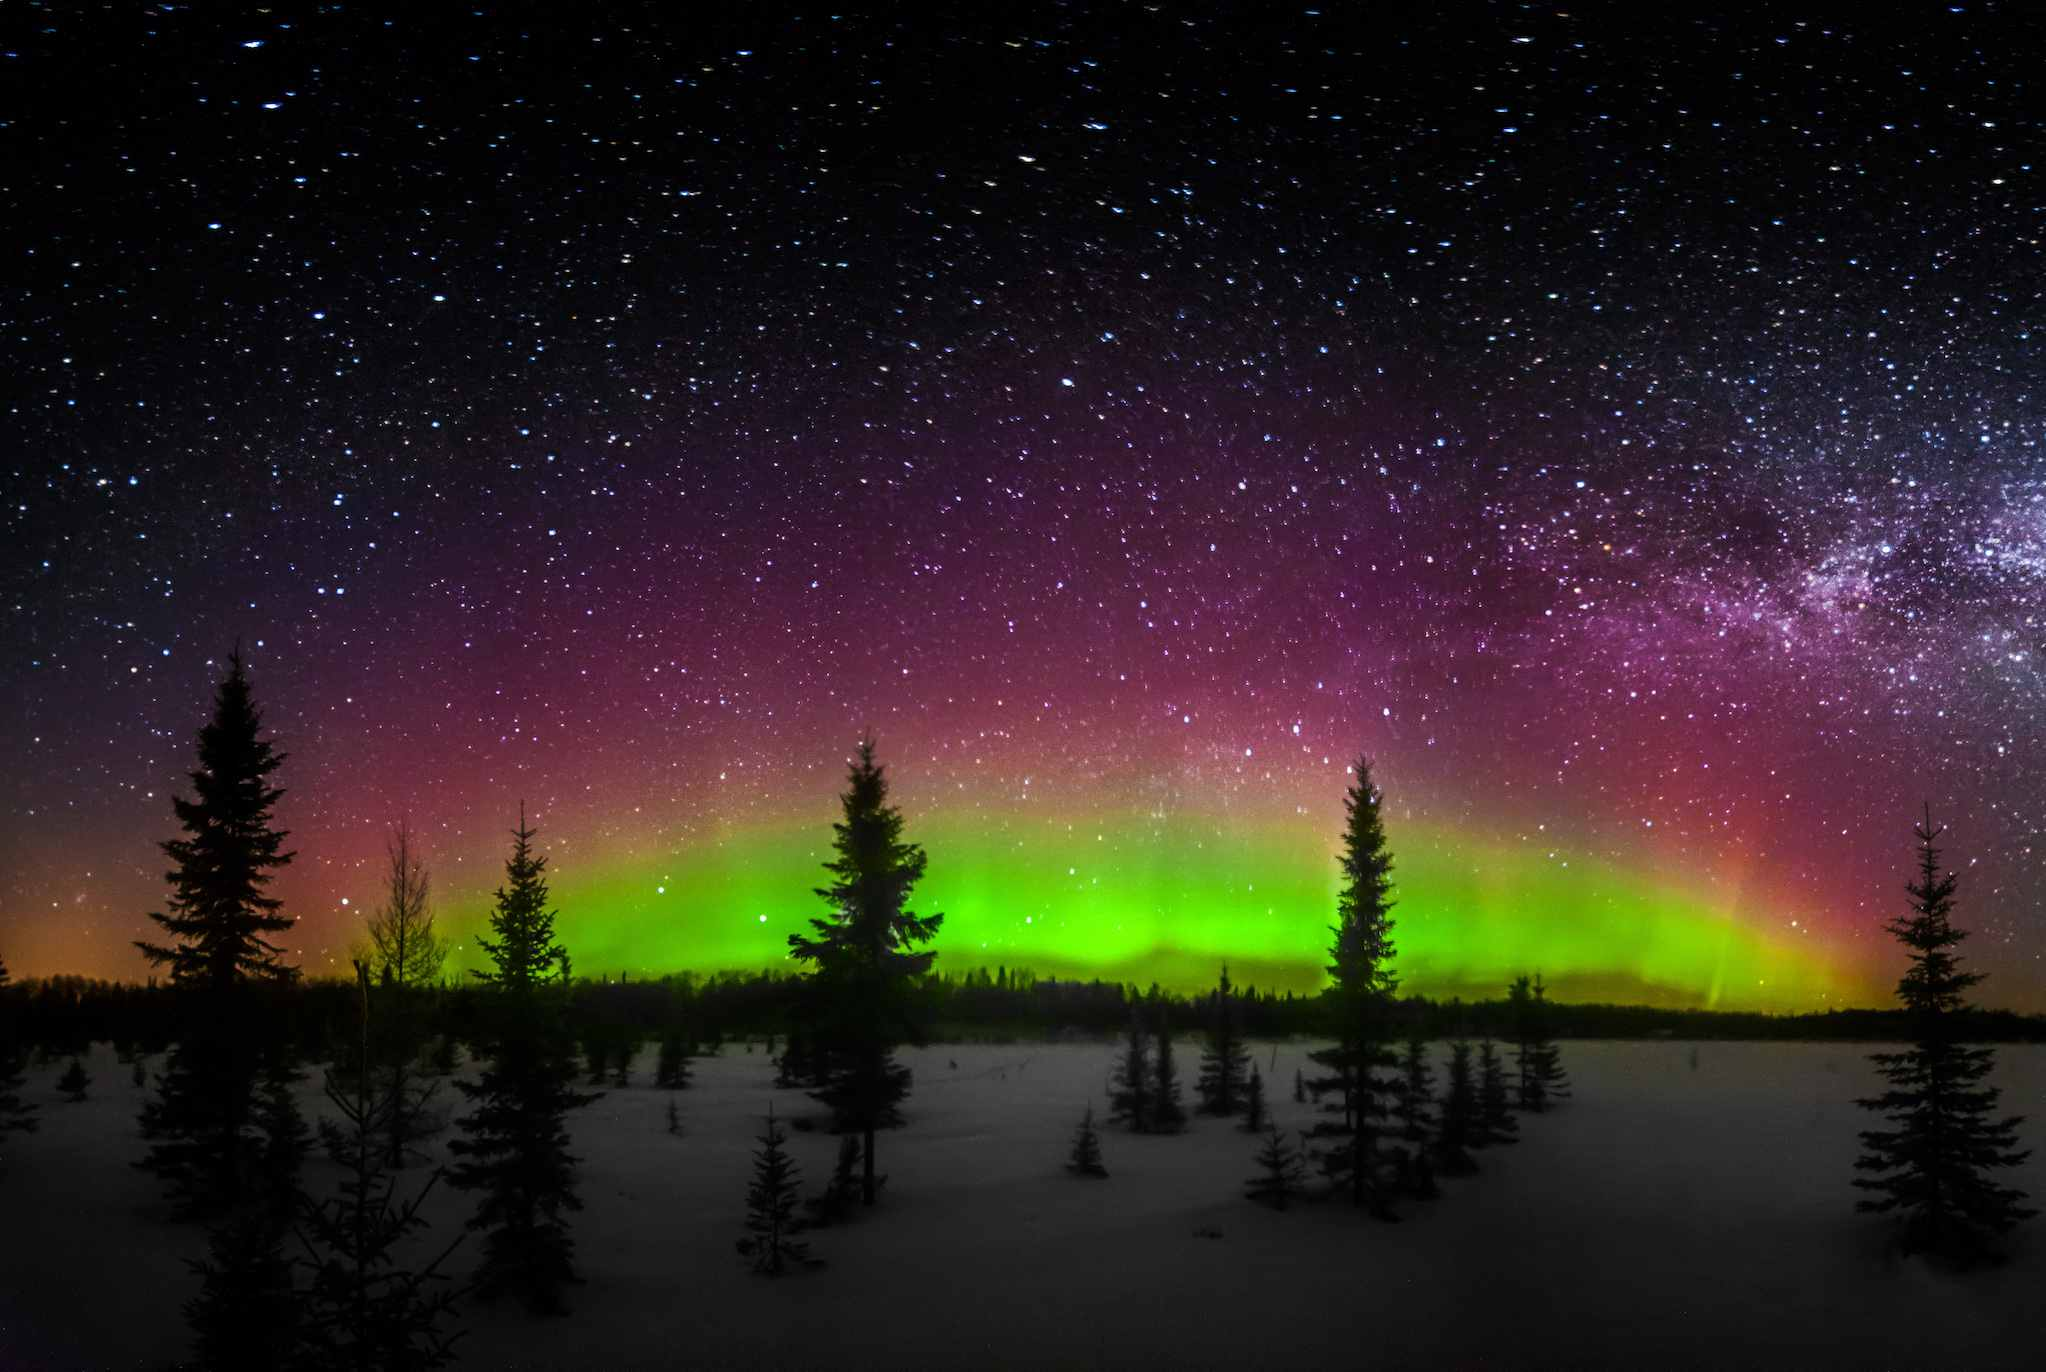 Der Winter Nachthimmel, wie in der Nähe von International Falls, Minnesota gesehen